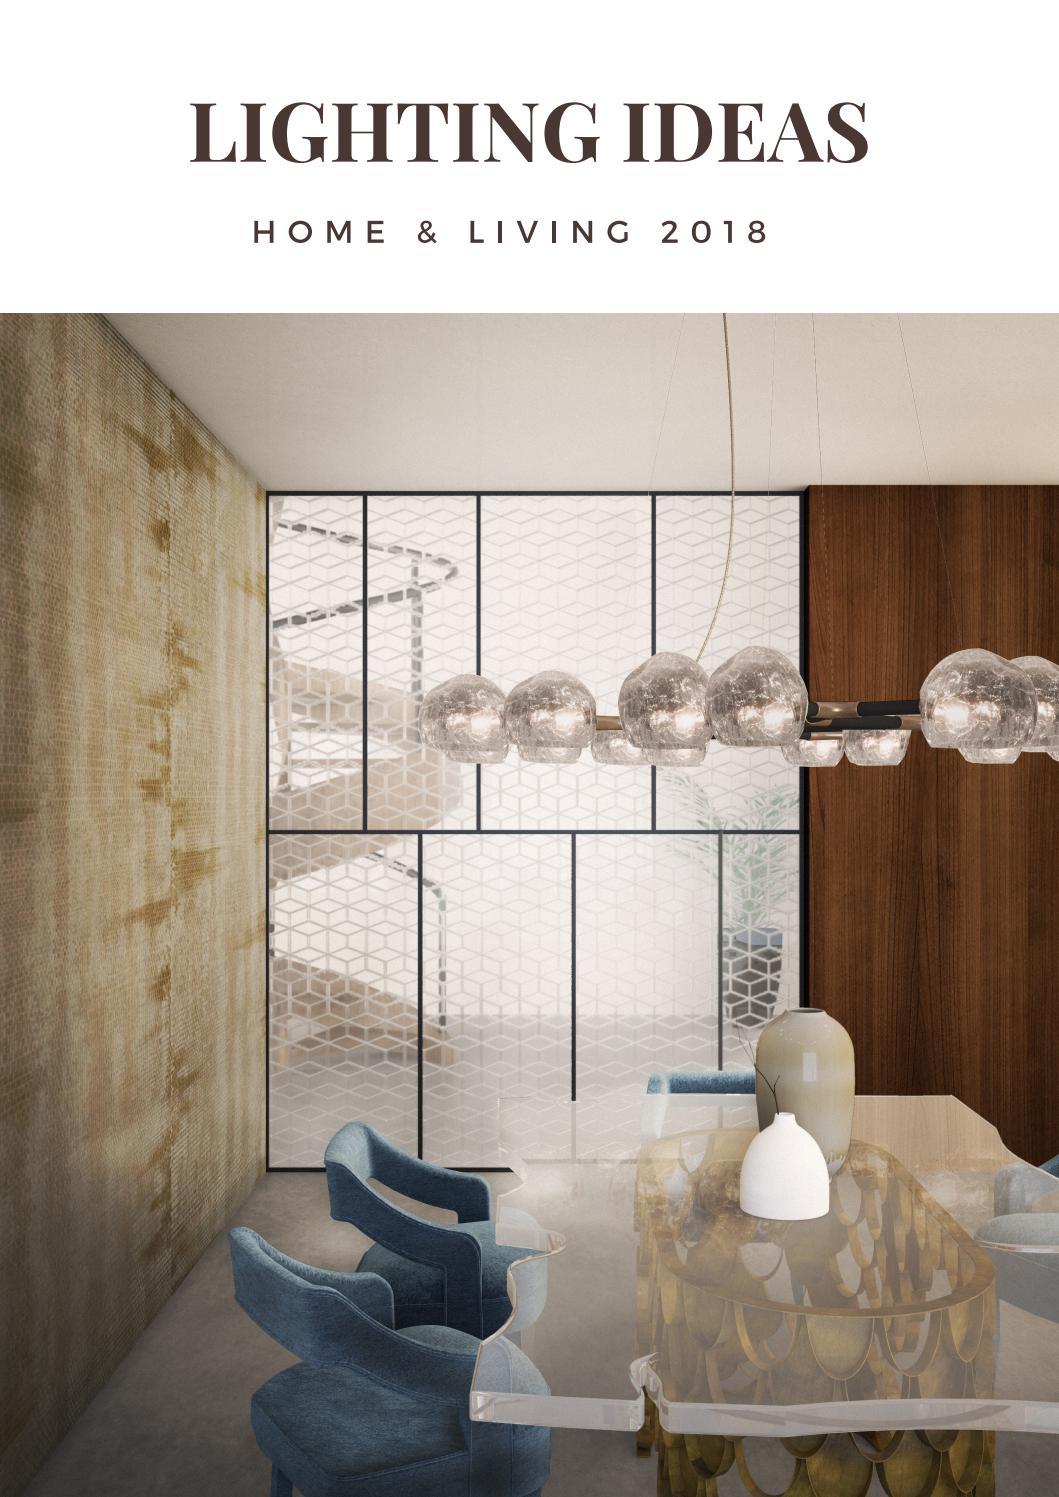 Lighting ideas lighting design 2018 by covet house issuu for Interior design lighting trends